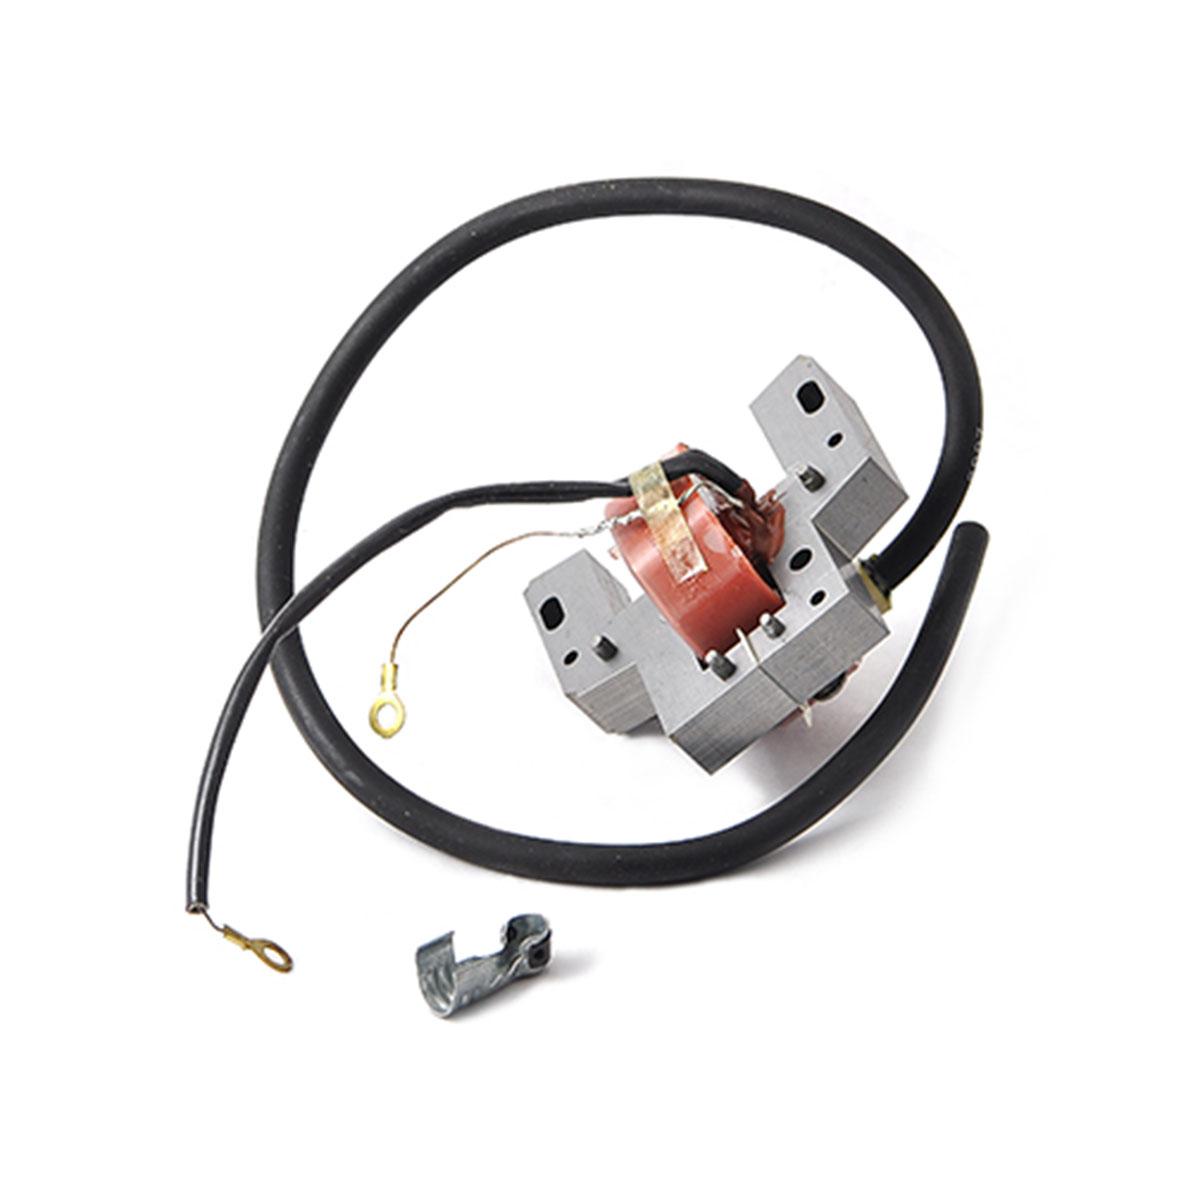 Dixie Chopper Armature - Magneto (Coil) DUP-900816   Power Mower Sales